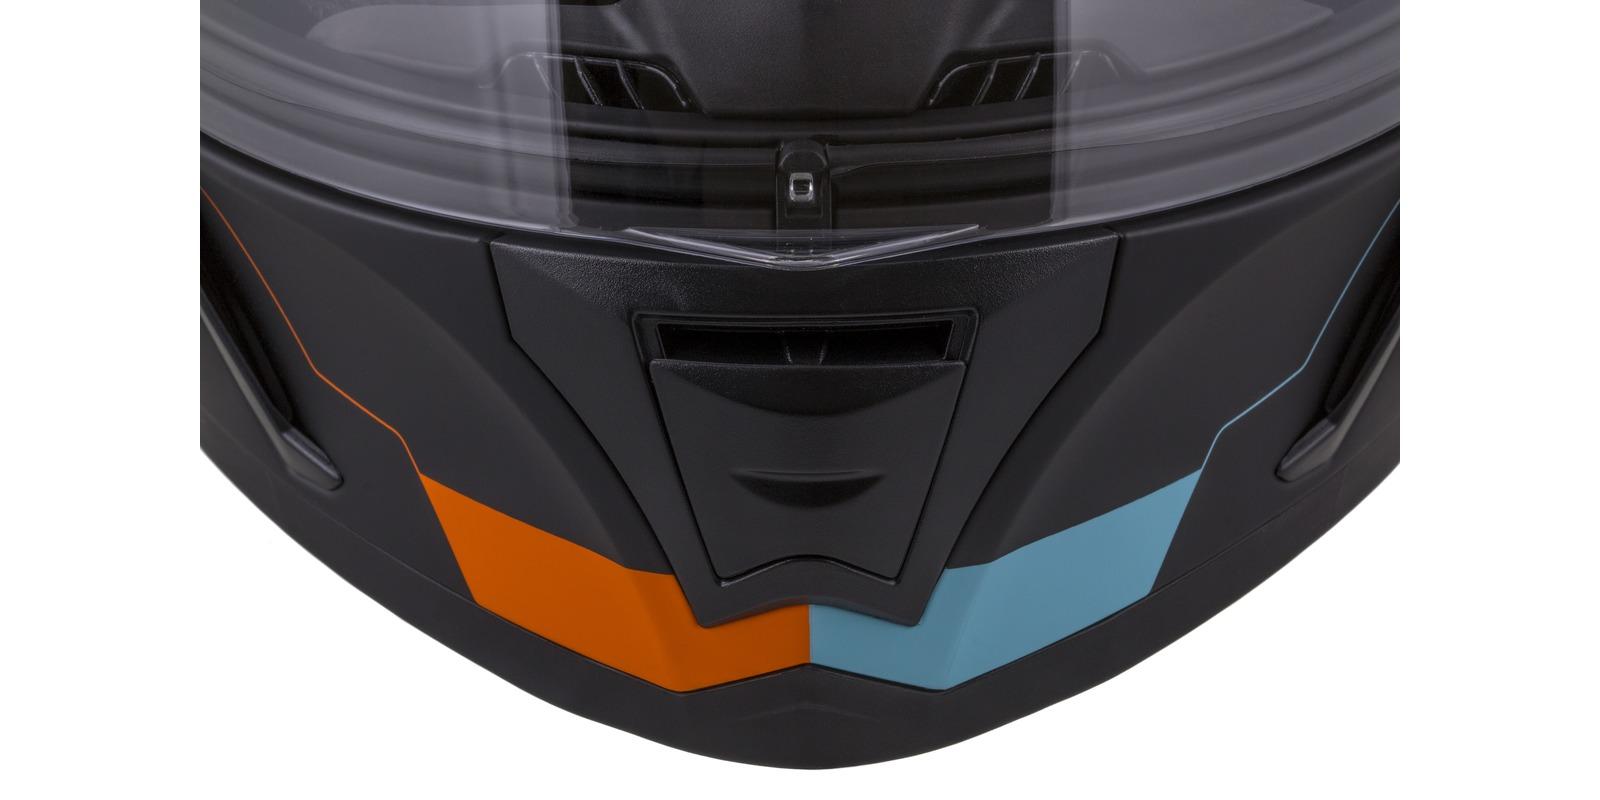 přilba Integral 3.0 Turbohead, CASSIDA (černá matná/oranžová/modrá, plexi s přípravou pro Pinlock)